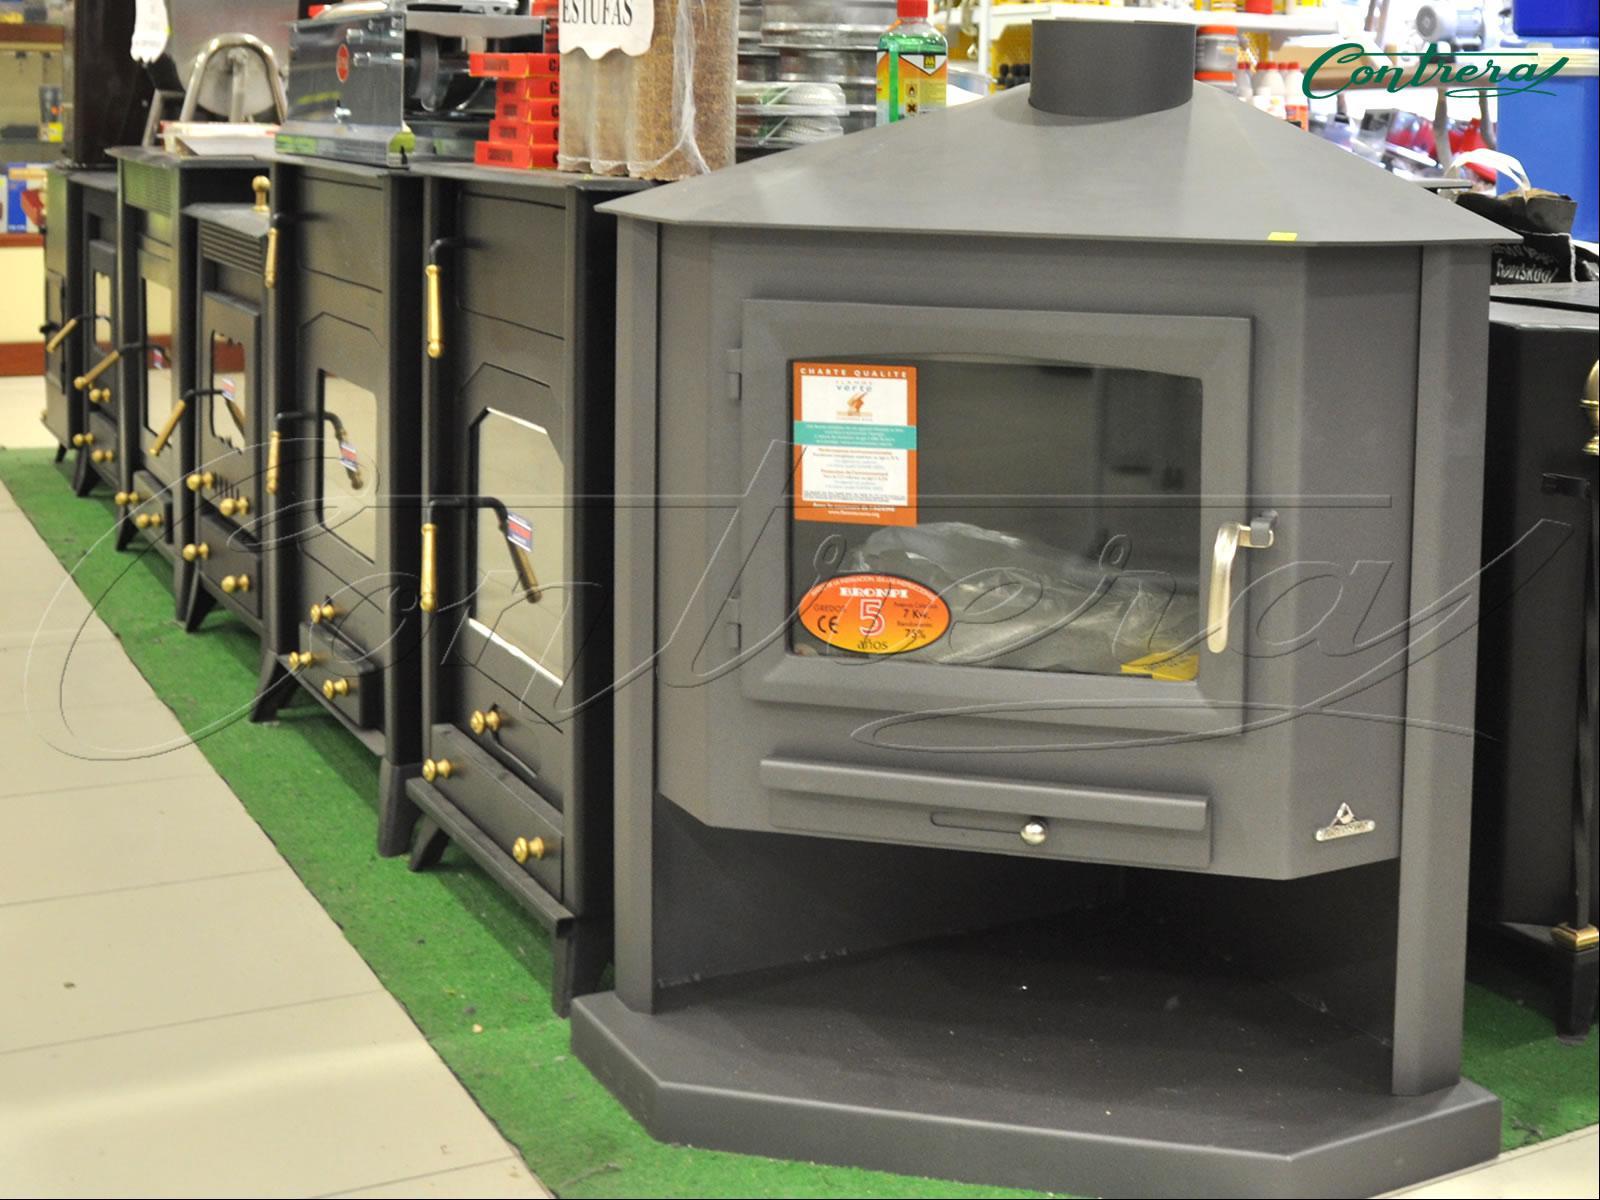 Estufas radiadores - Estufa lena calefaccion radiadores ...